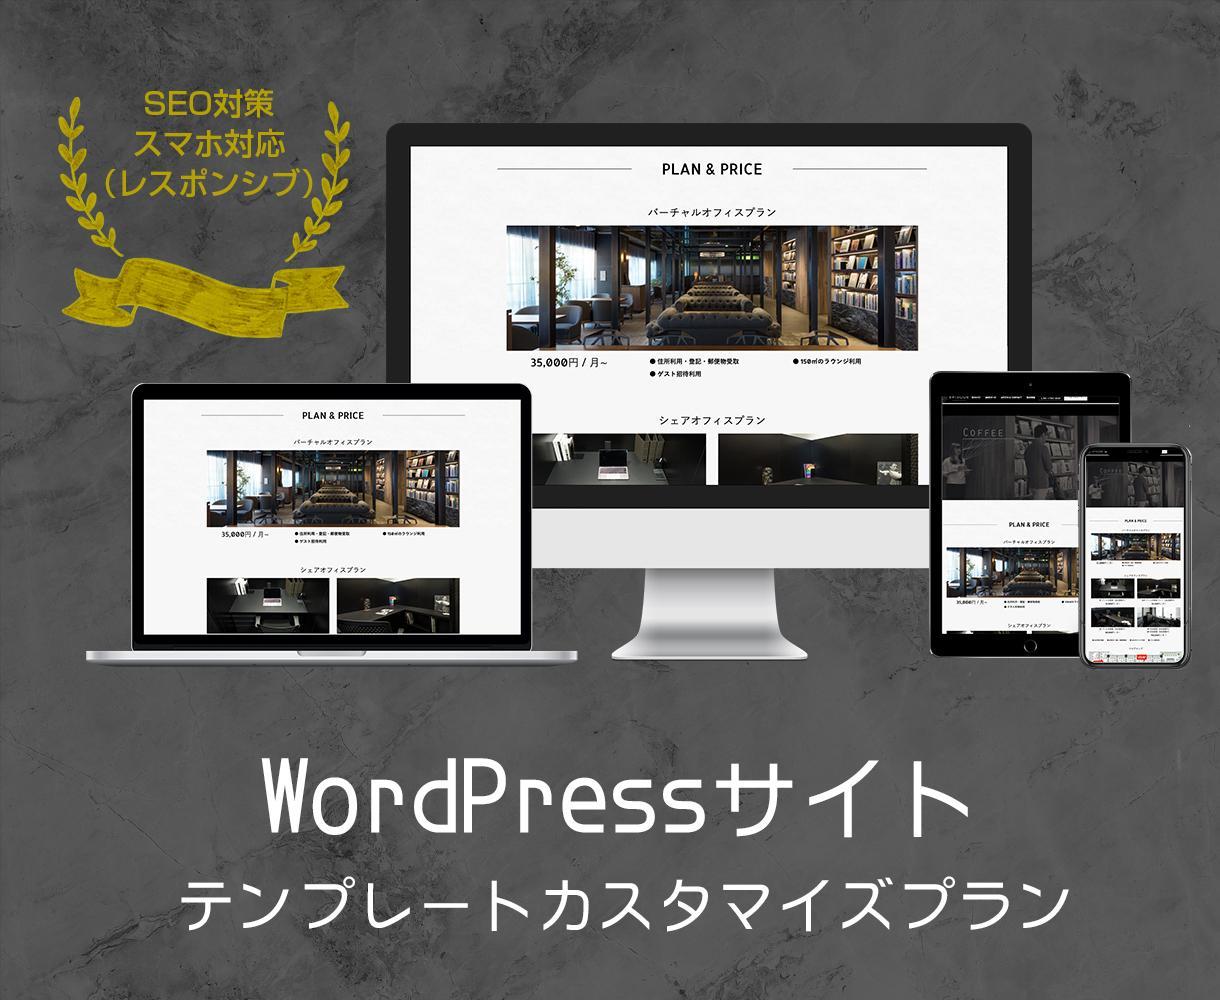 プロがWordPressのサイト作成しますます SEO対策 スマホ対応 基本ページプラン イメージ1